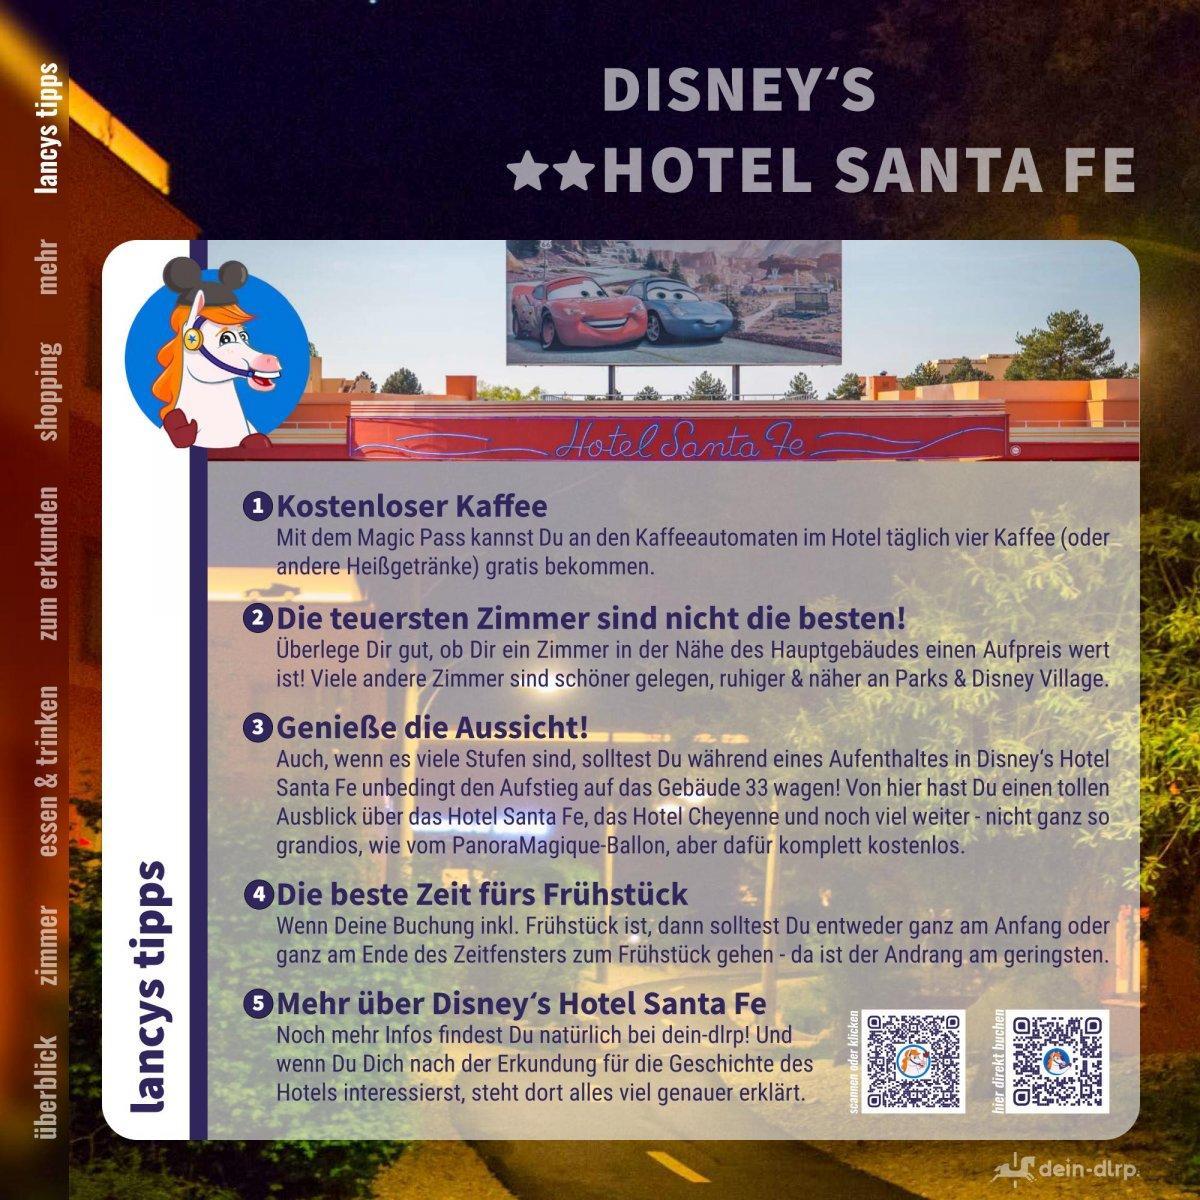 disneys-hotel-santa-fe-hotel-fuehrer_08.jpg